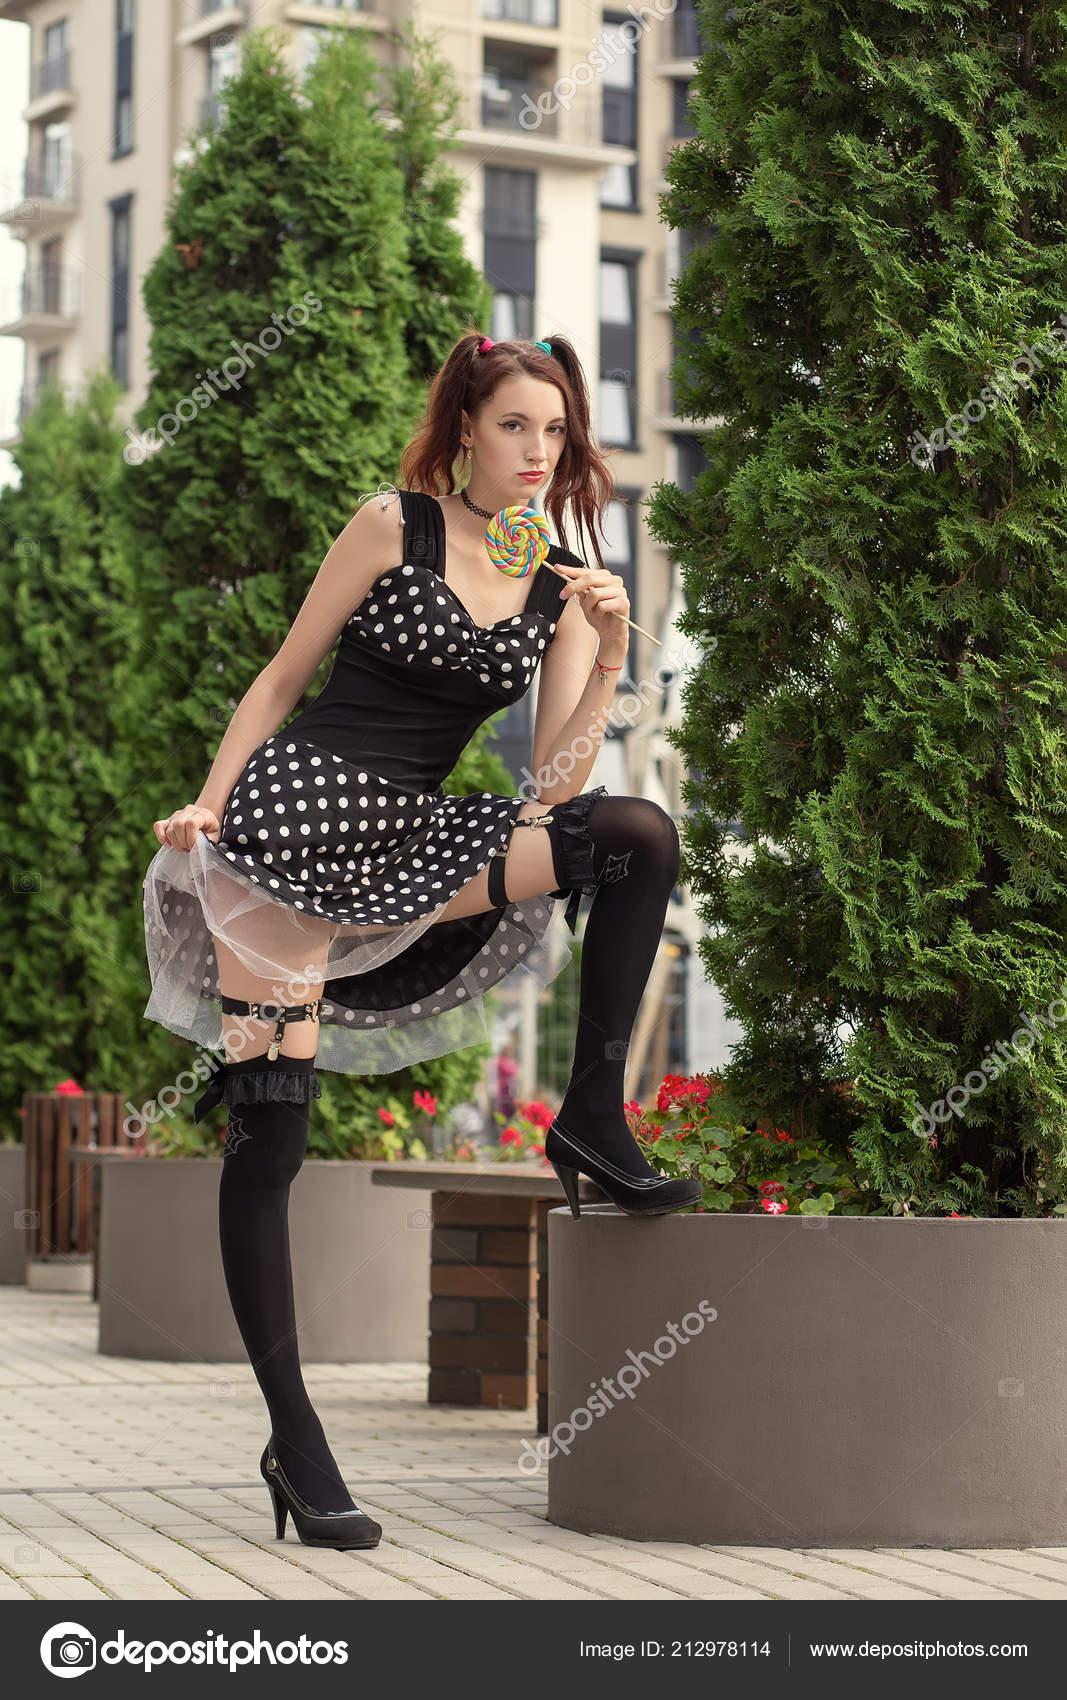 Mujer Joven Atractiva Con Piruleta Vestido Negro Muestra Sus